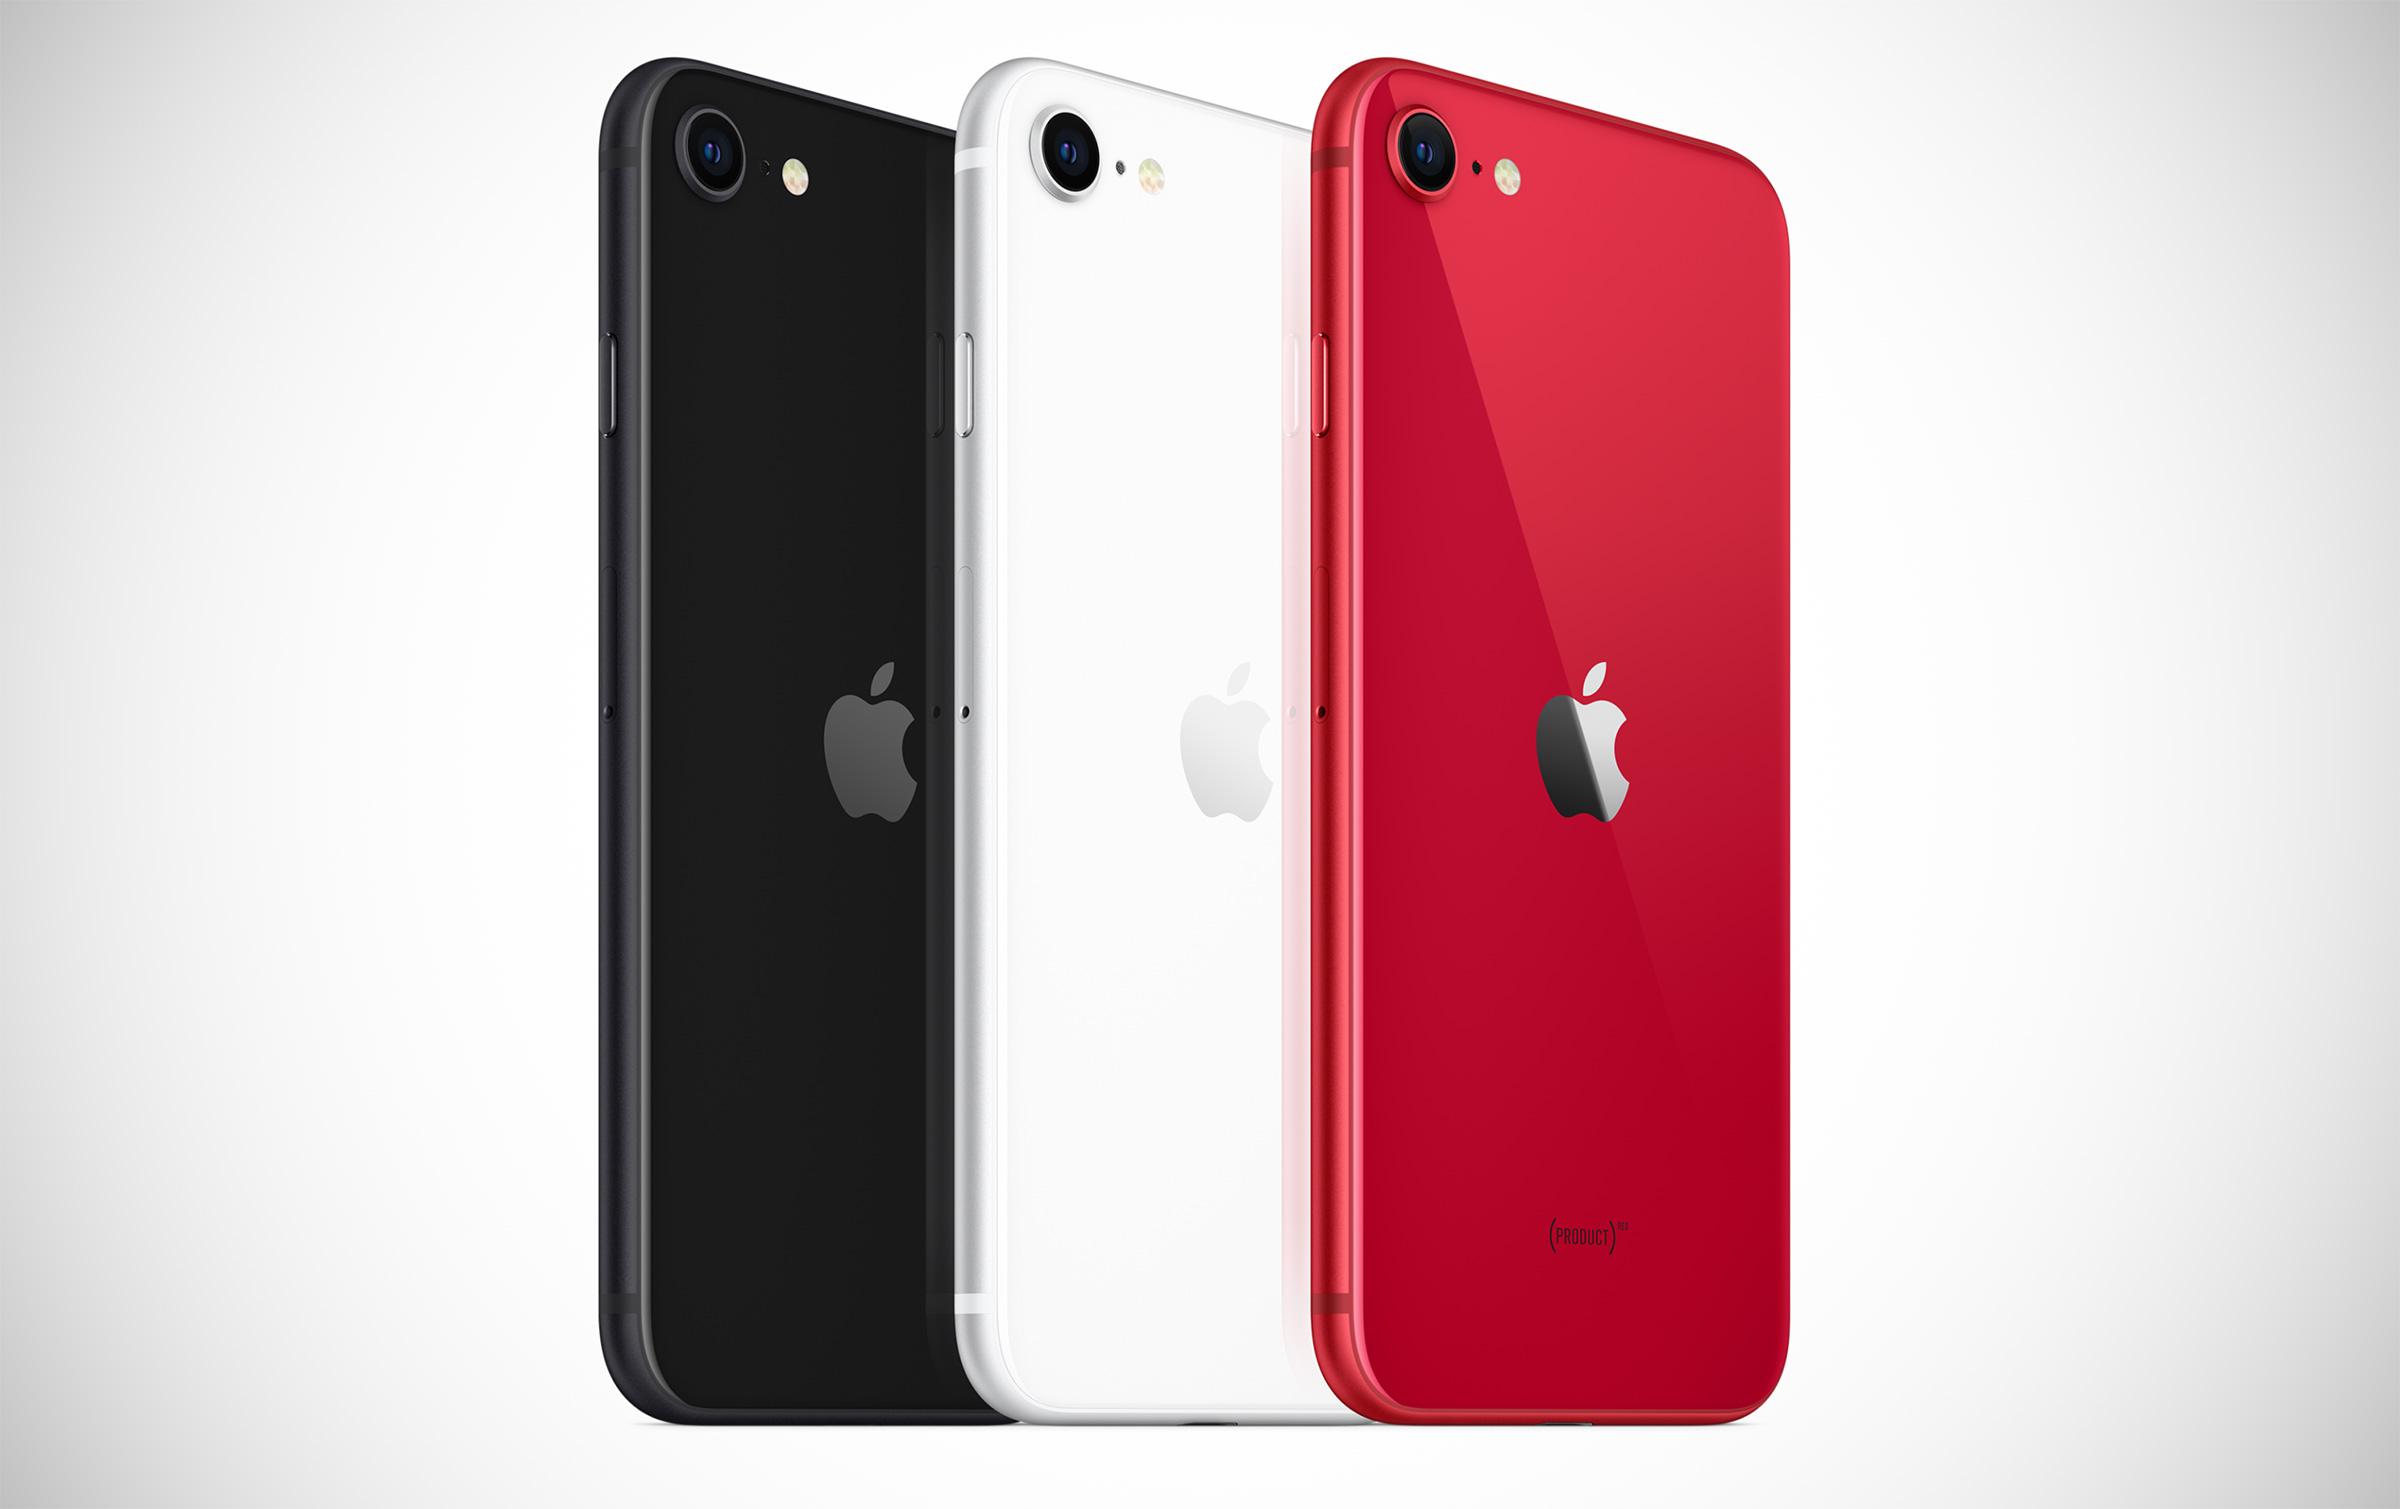 199455 6e3bf790 7f26 11ea b7cf 34a55ea3d38f - شركة ابل تعلن عن IPhone SE 2020 رسميًا في الخارج – أرخص ايفون ممكن تشتريه